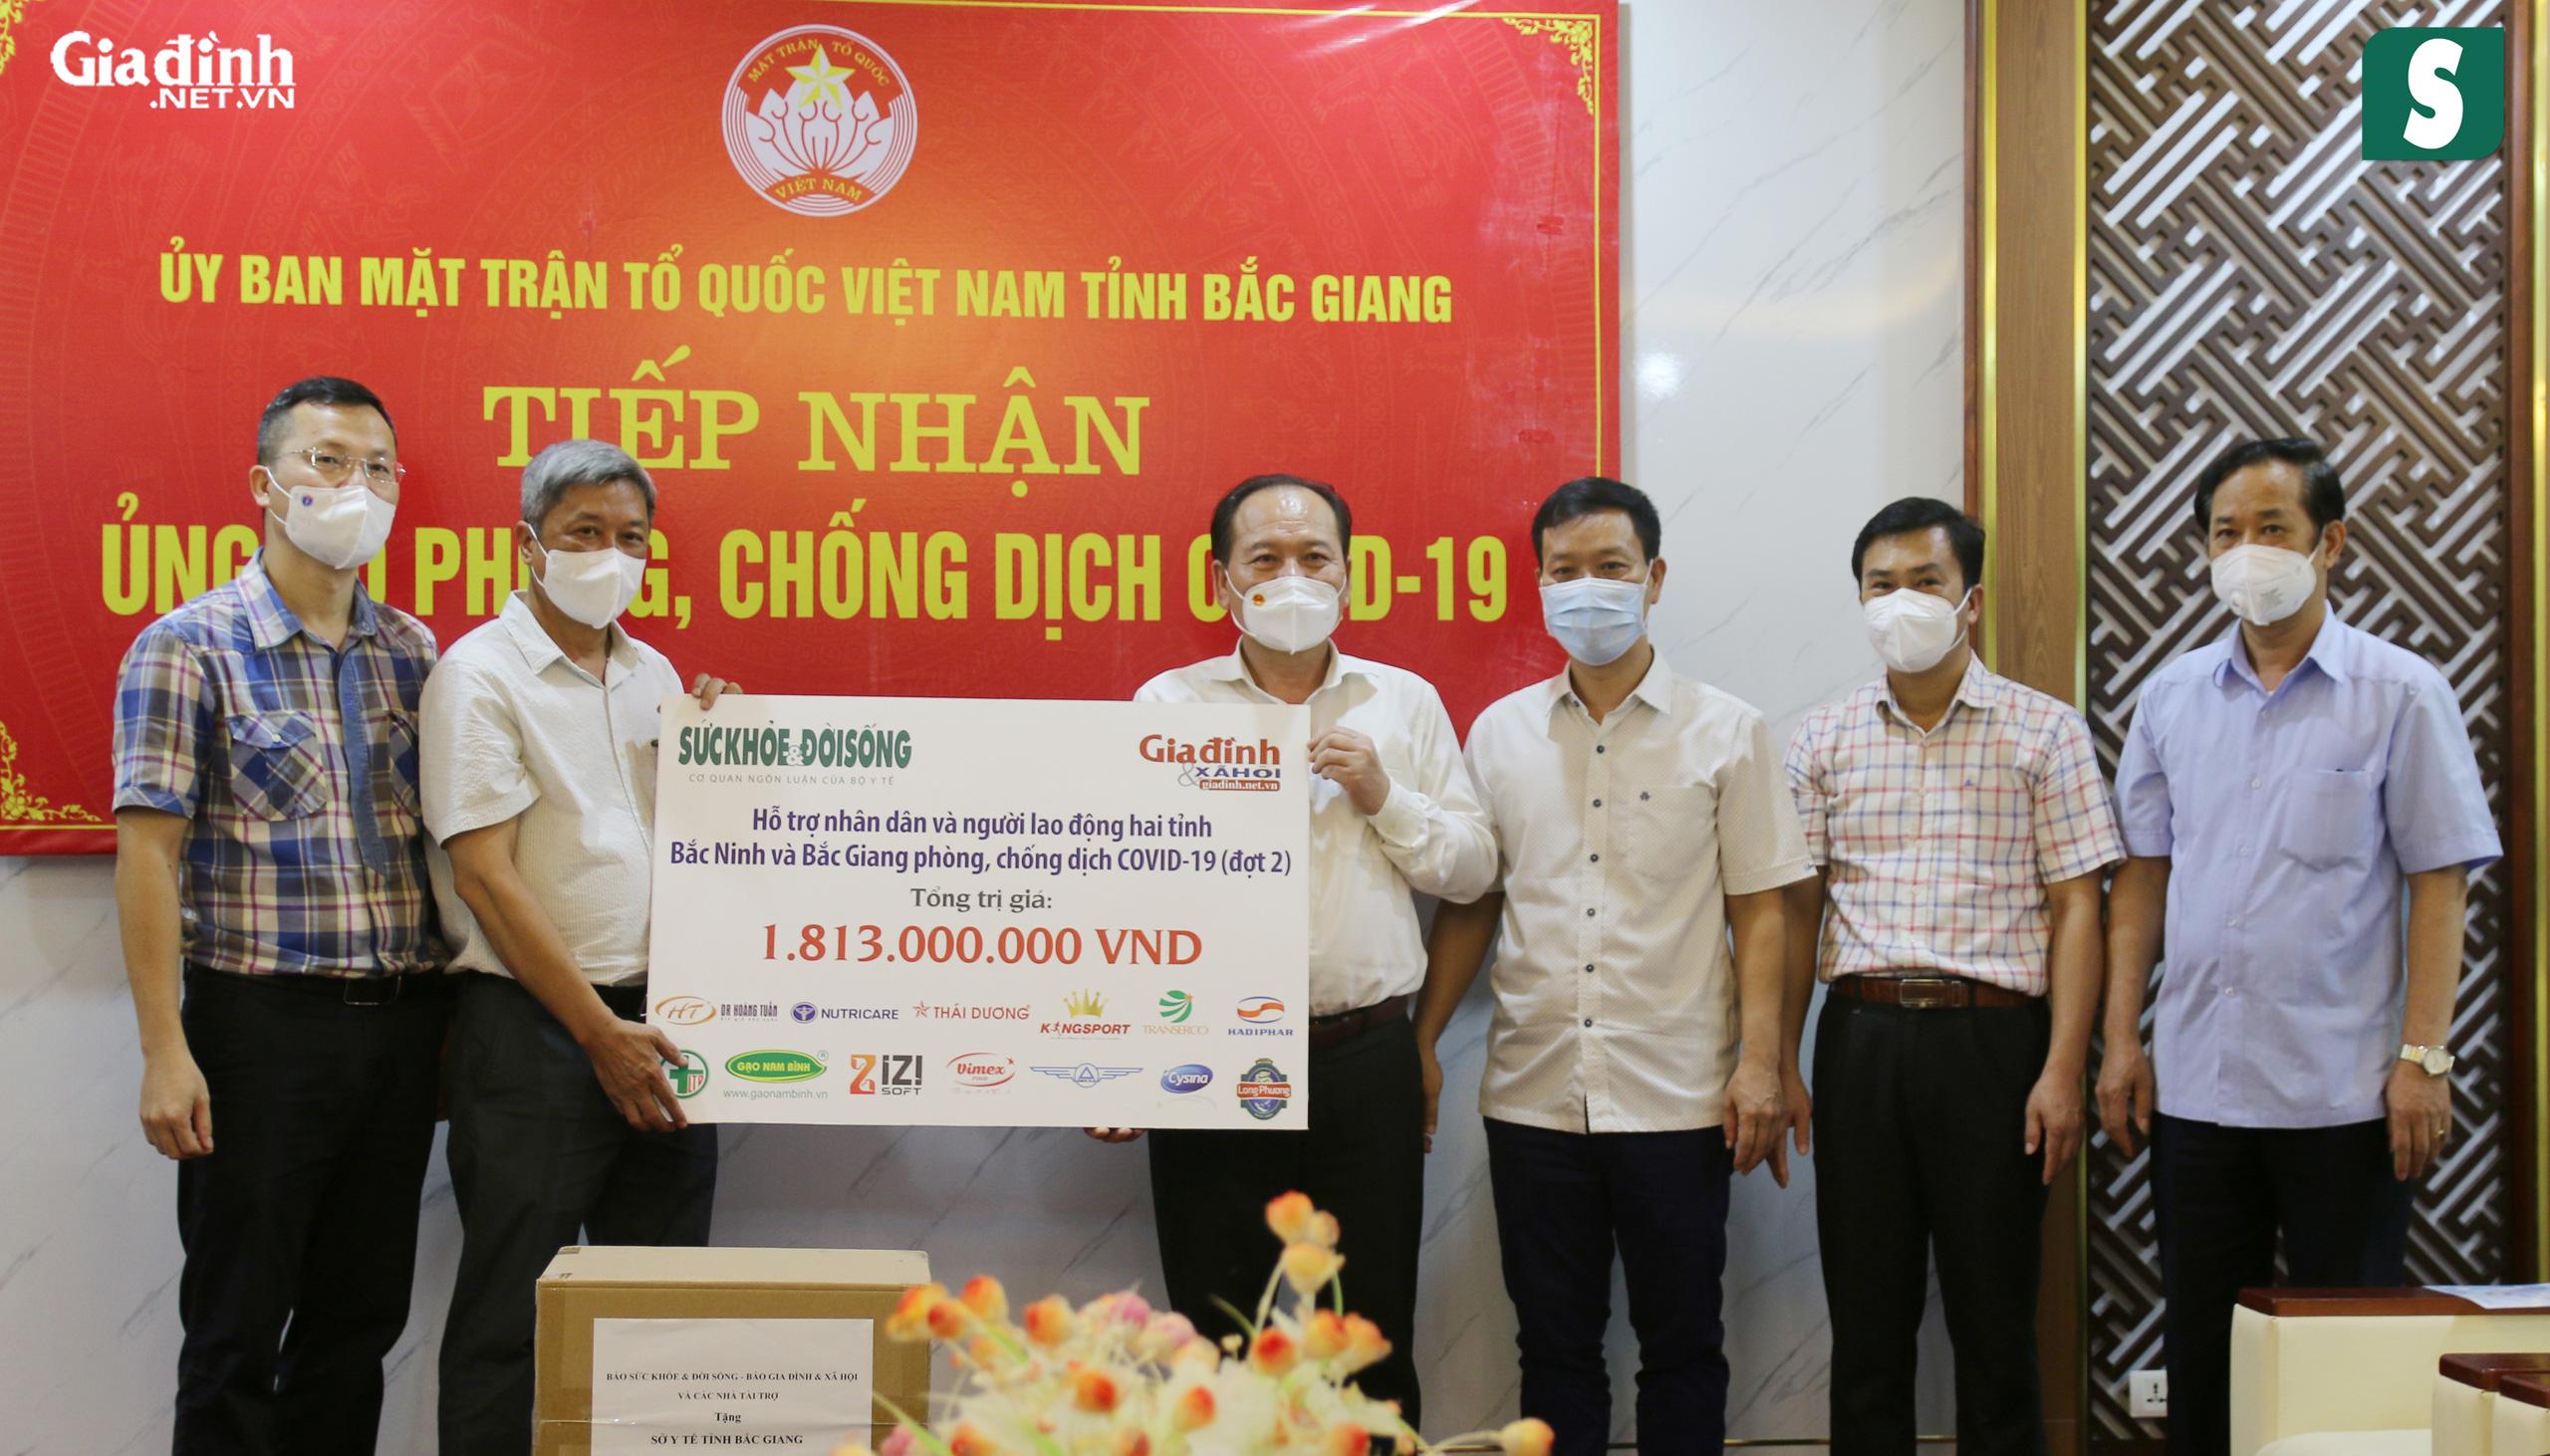 Báo Sức khỏe & Đời sống và Báo Gia đình & Xã hội kêu gọi hơn 1,8 tỷ đồng hỗ trợ Bắc Giang, Bắc Ninh chống dịch - Ảnh 4.